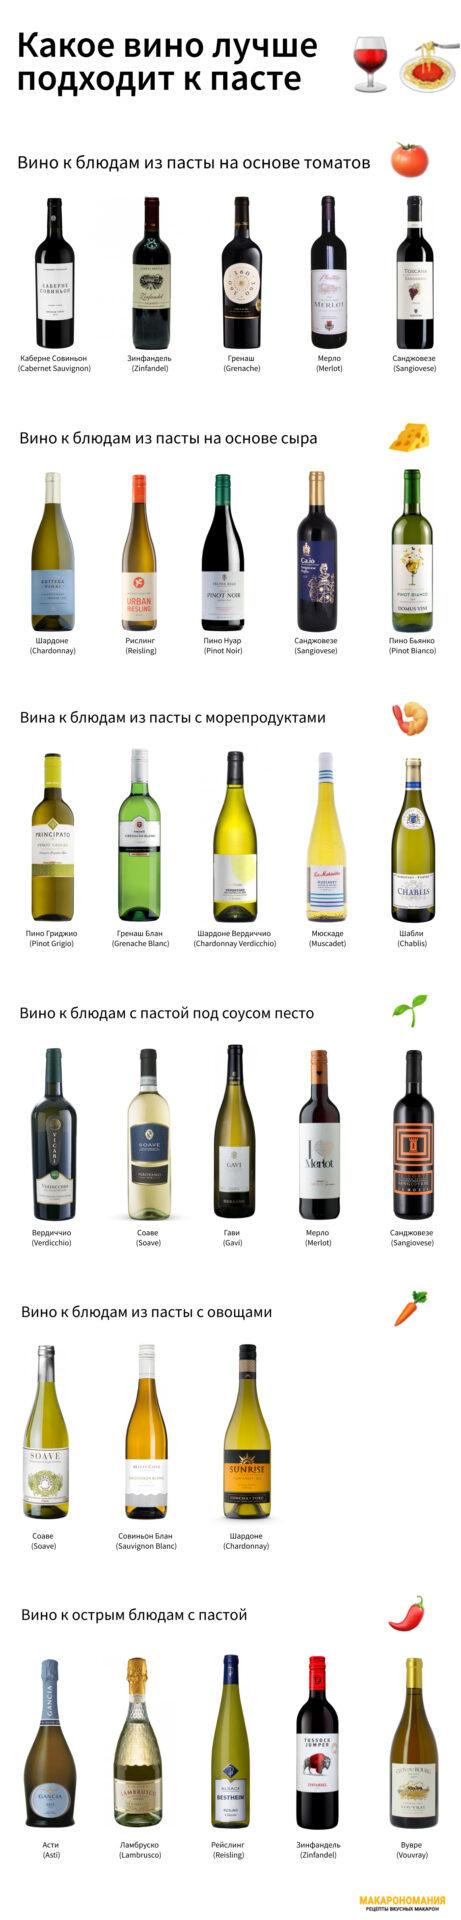 Какое вино лучше подходит к пасте – Лучшие сочетания вина с блюдами из пасты - схема в одной картинке